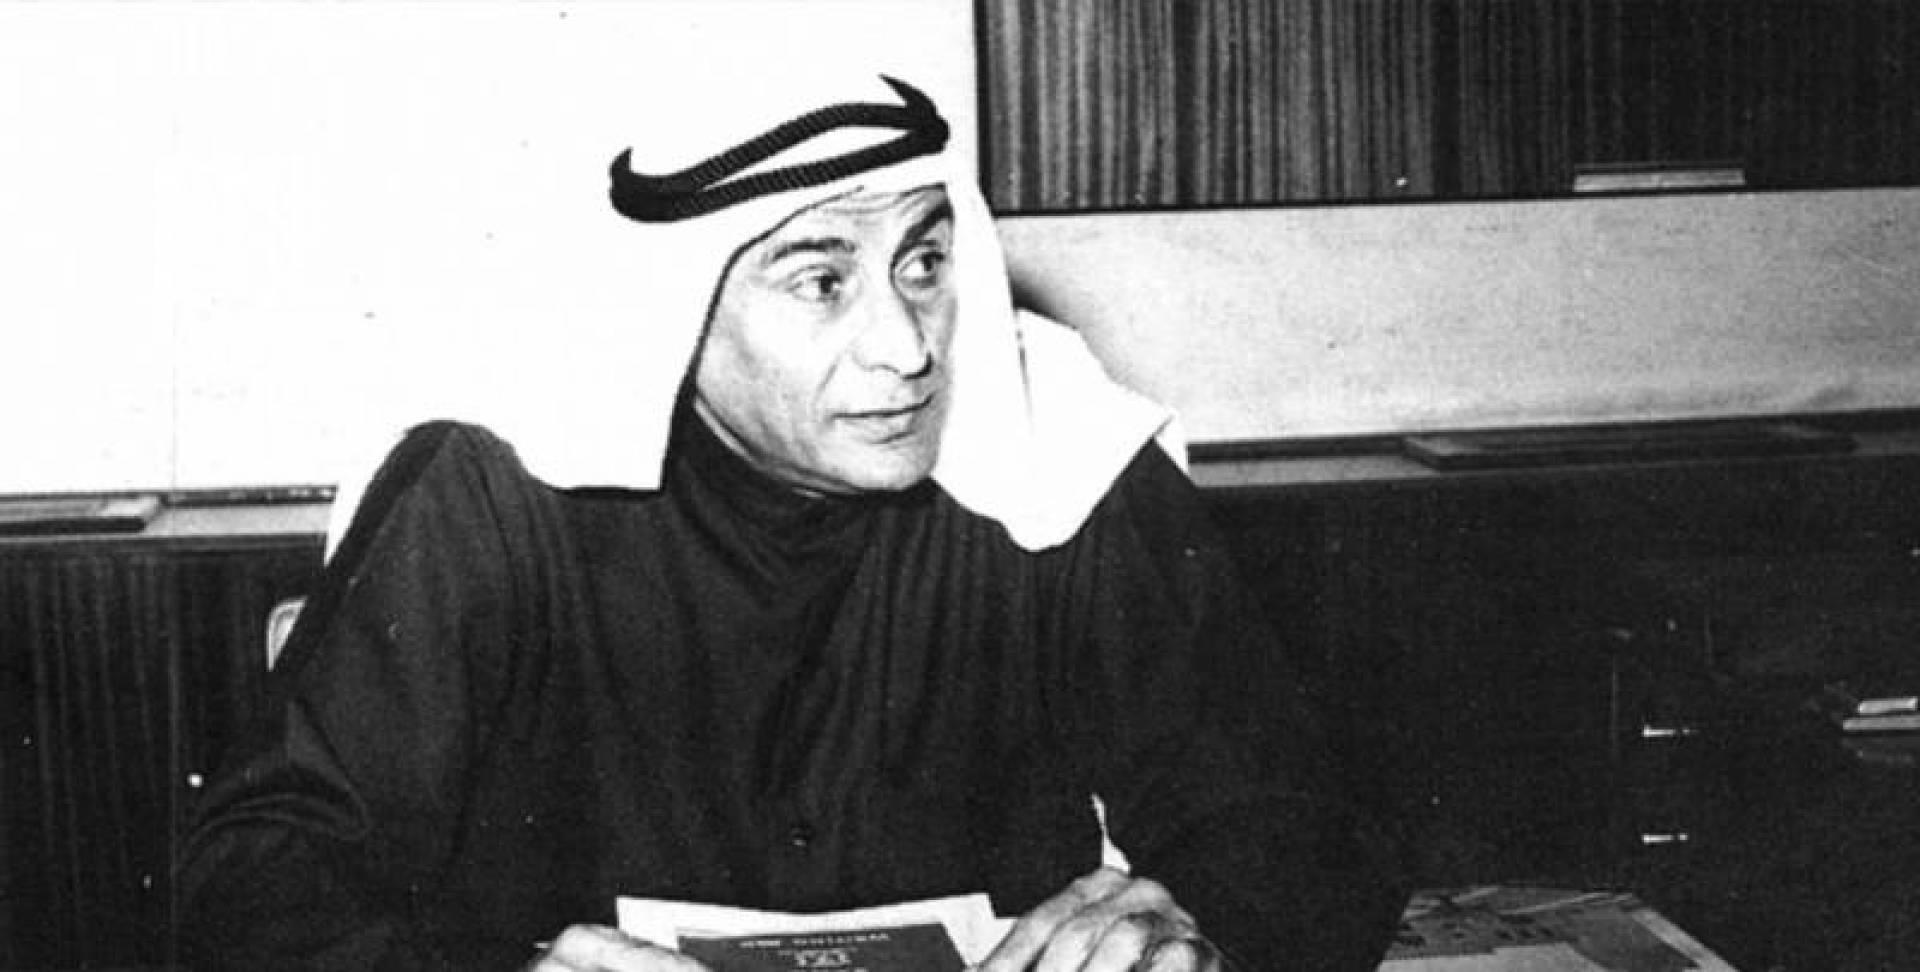 السيد يوسف إبراهيم الغانم.. صورة أرشيفية